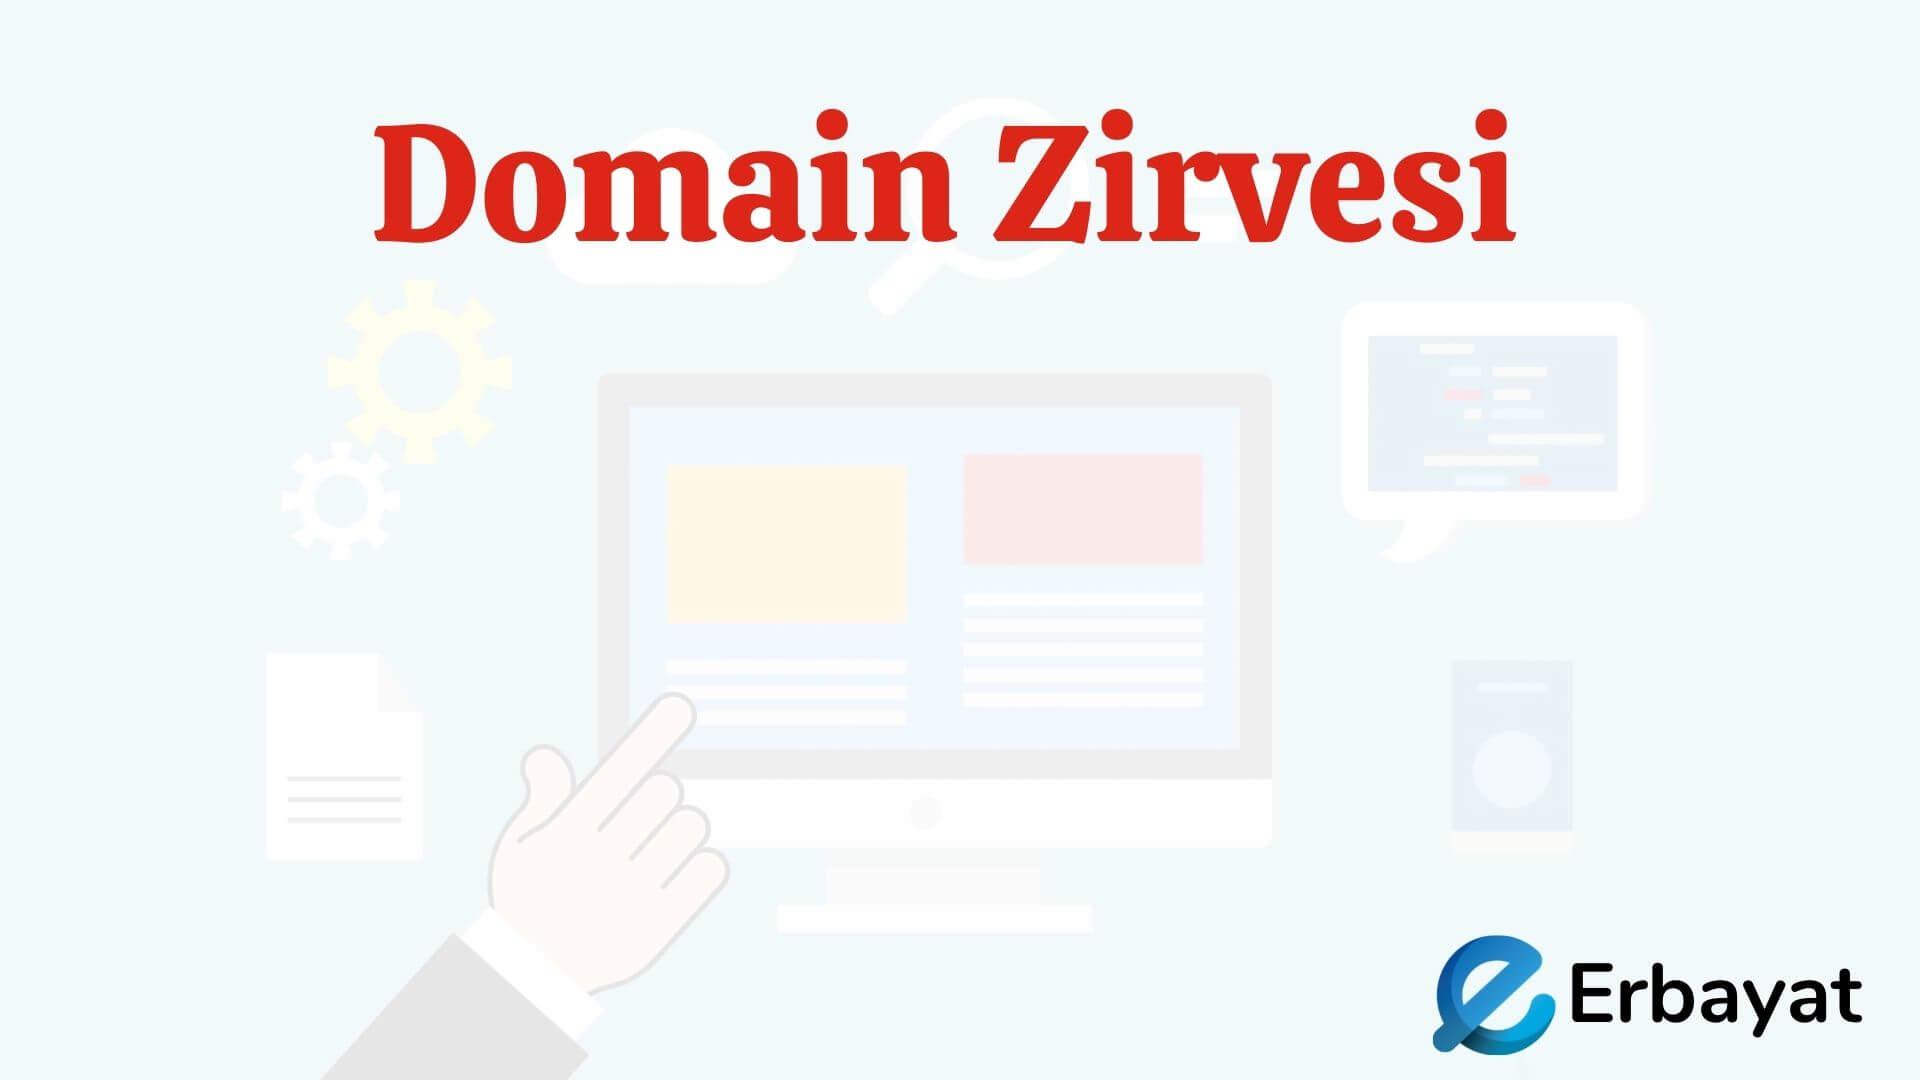 Domain Zirvesi [Yayında Değil]